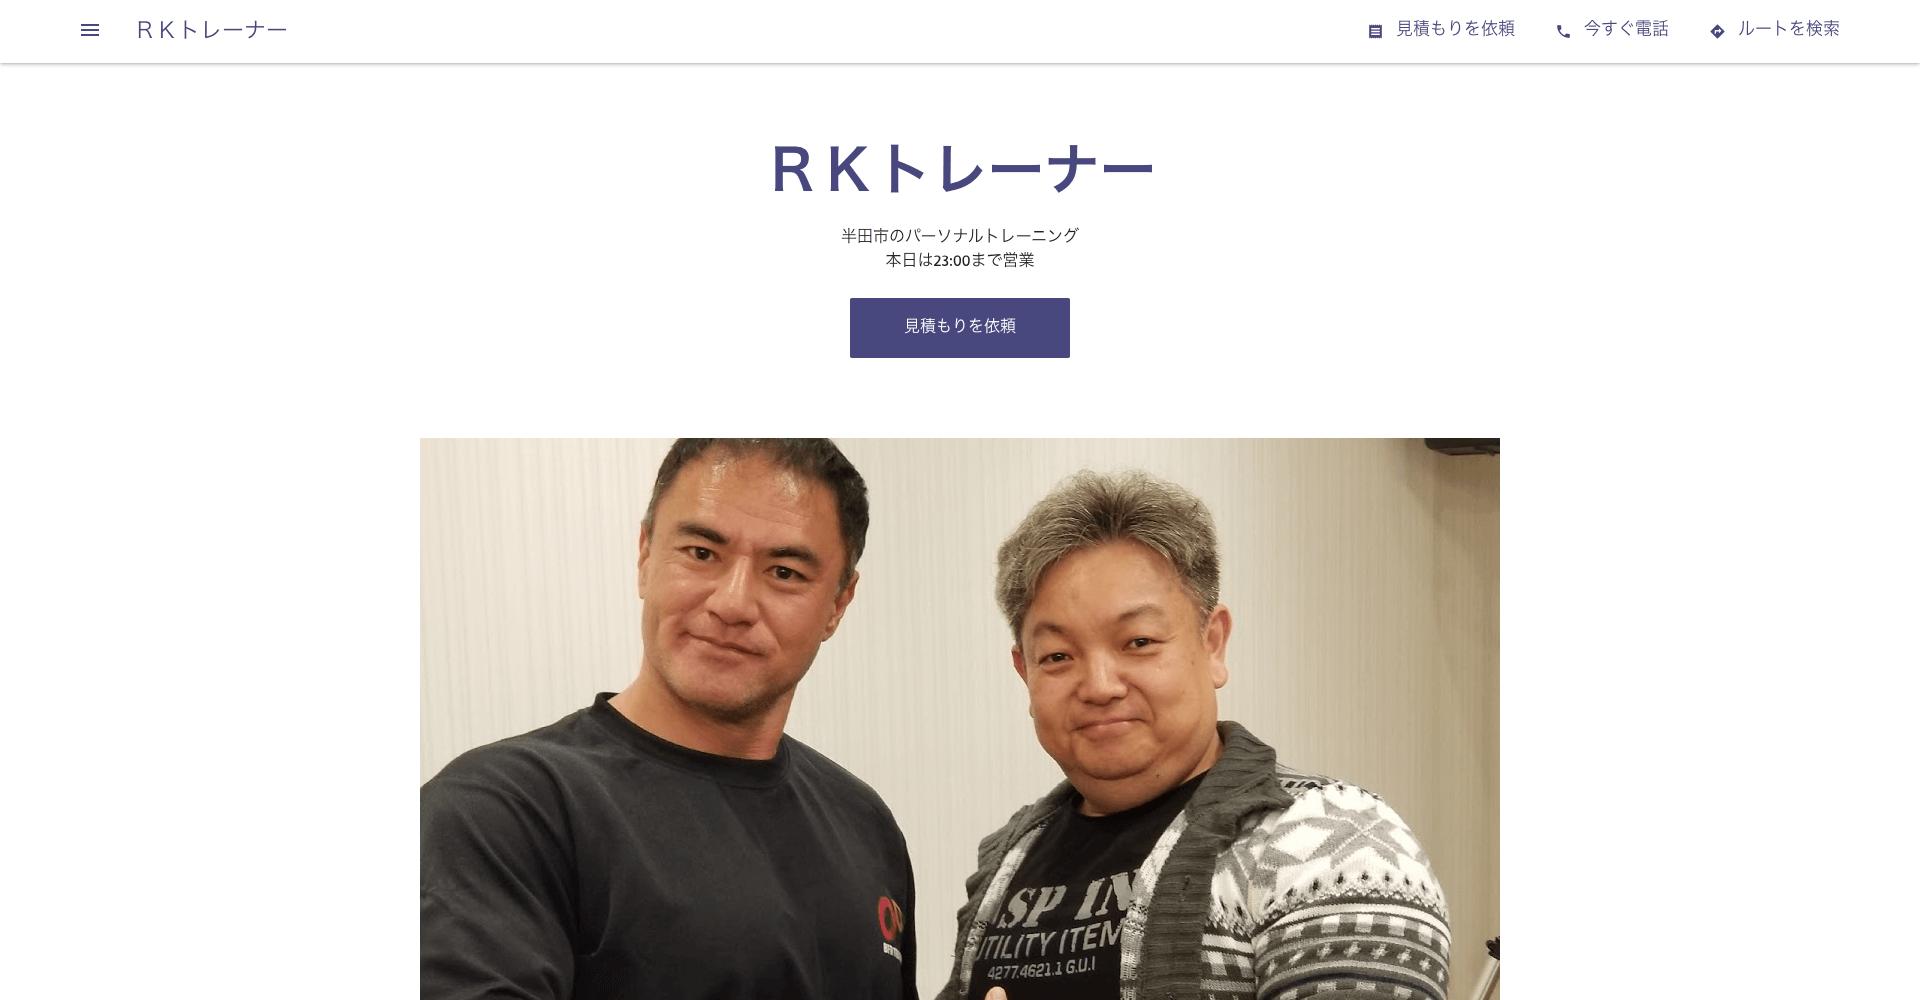 RKトレーナー